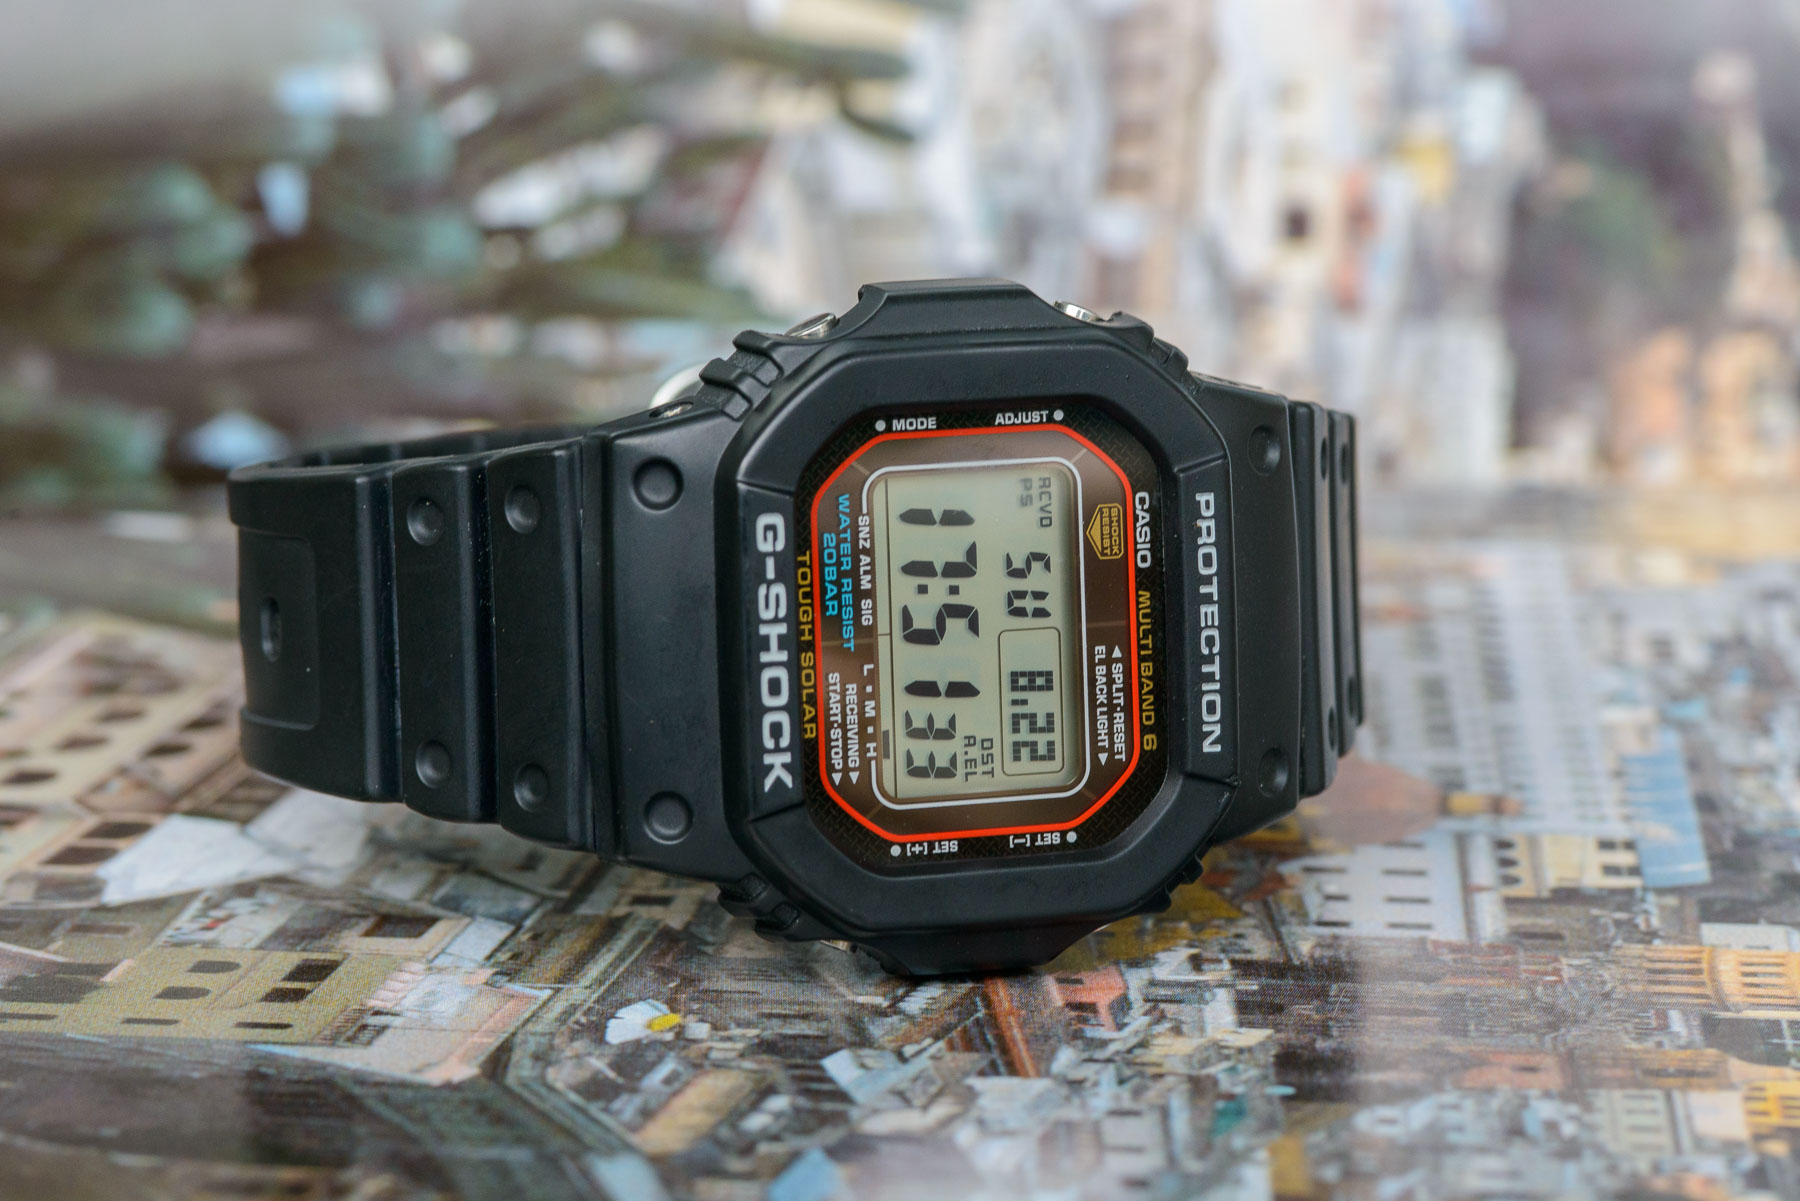 gshock gwm5610u 6884 - Đánh giá đồng hồ G-Shock Square GW-M5610U